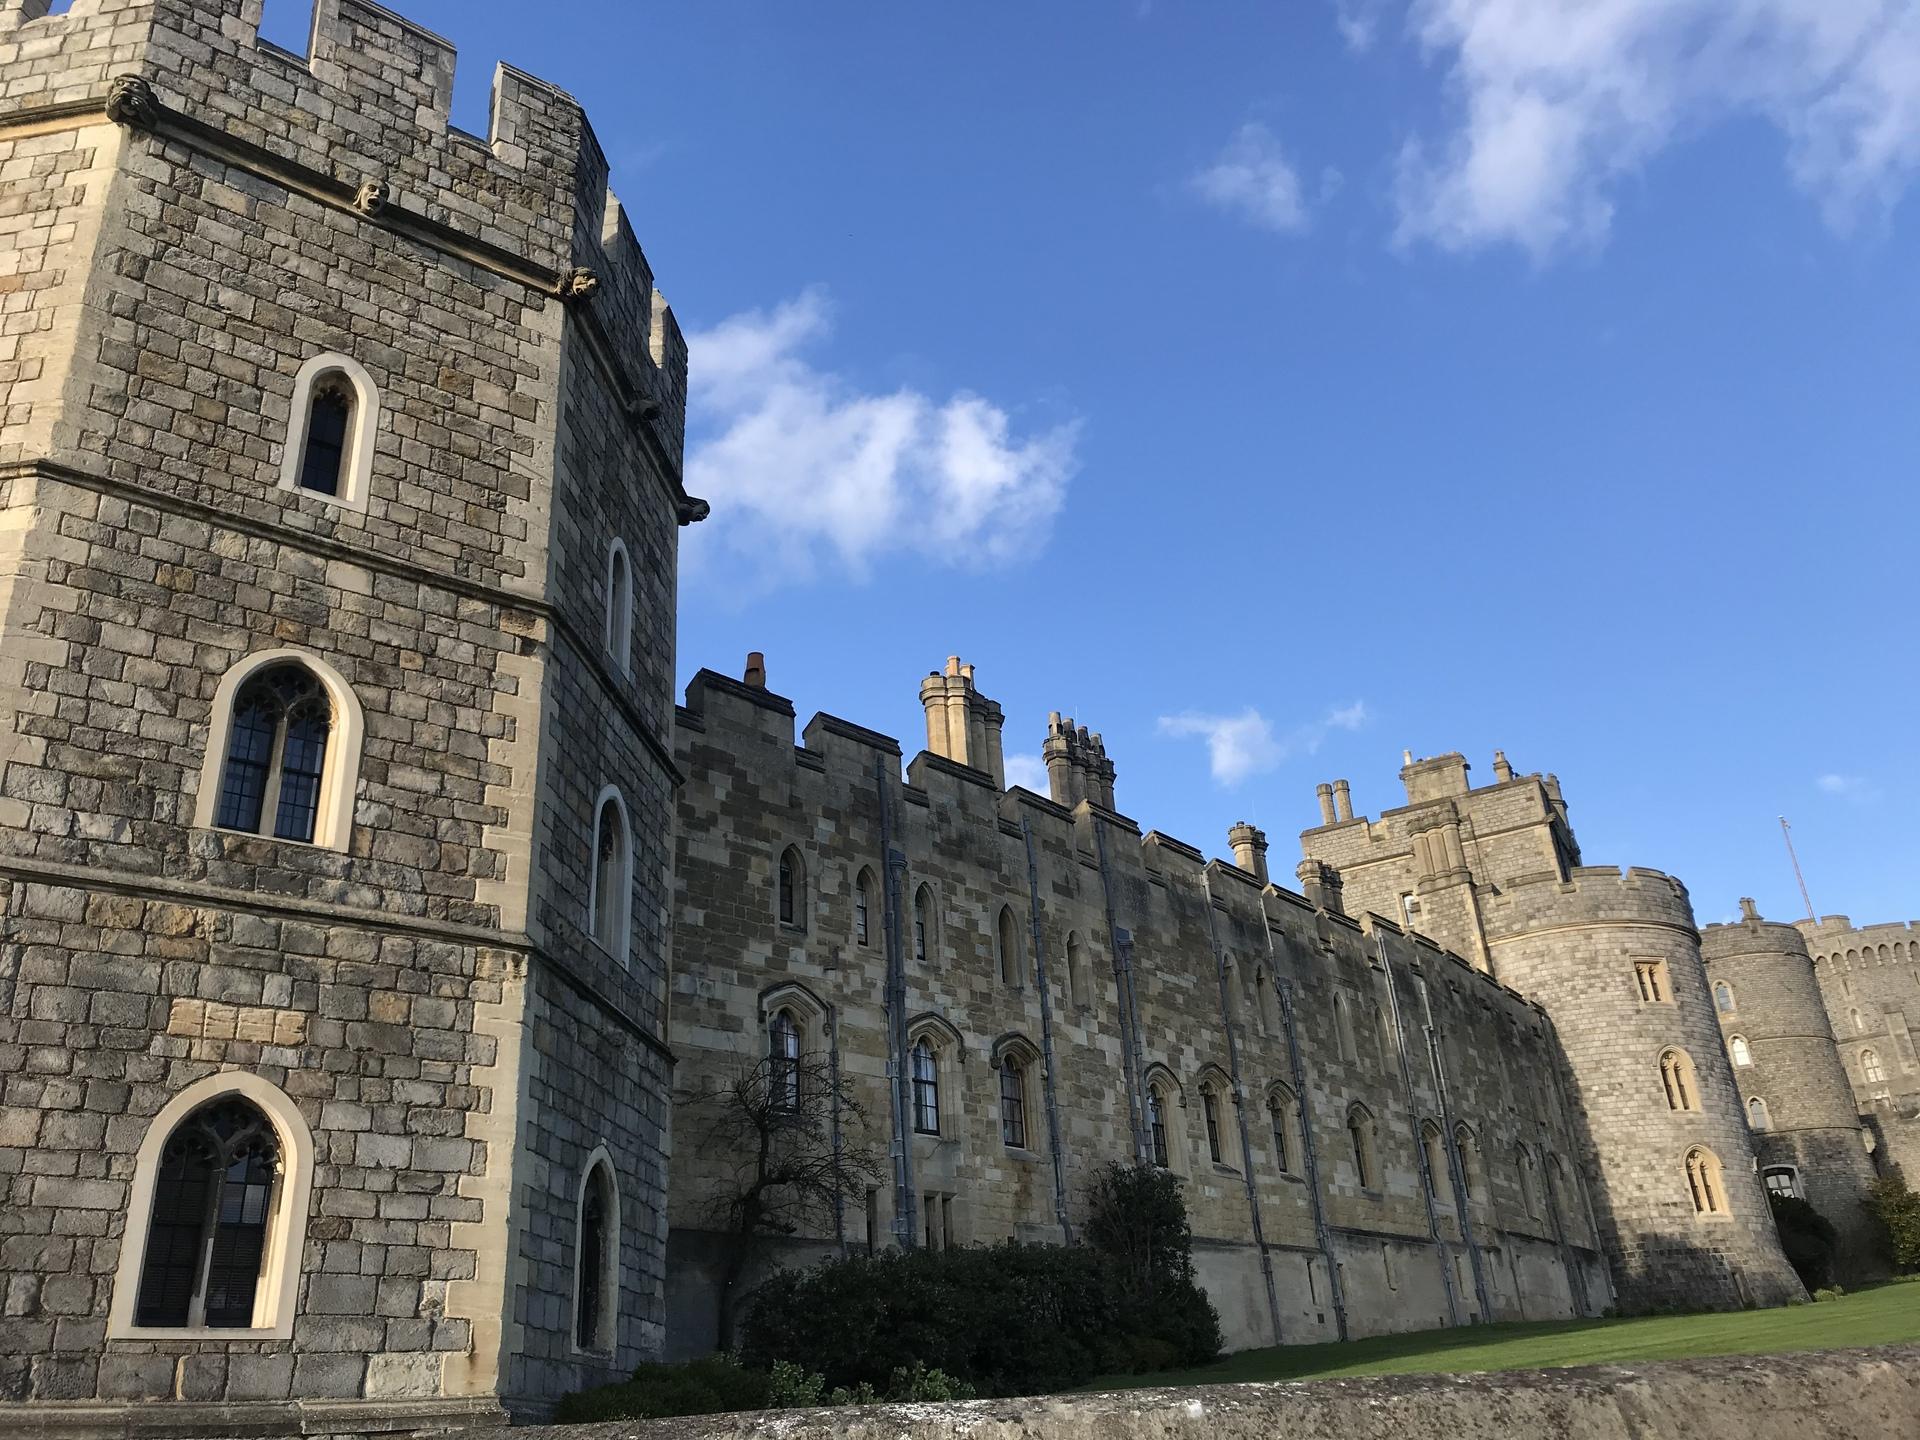 ウィンザー城とロングウォーク | ロンドン在住ひなさんのおすすめエリア・地区